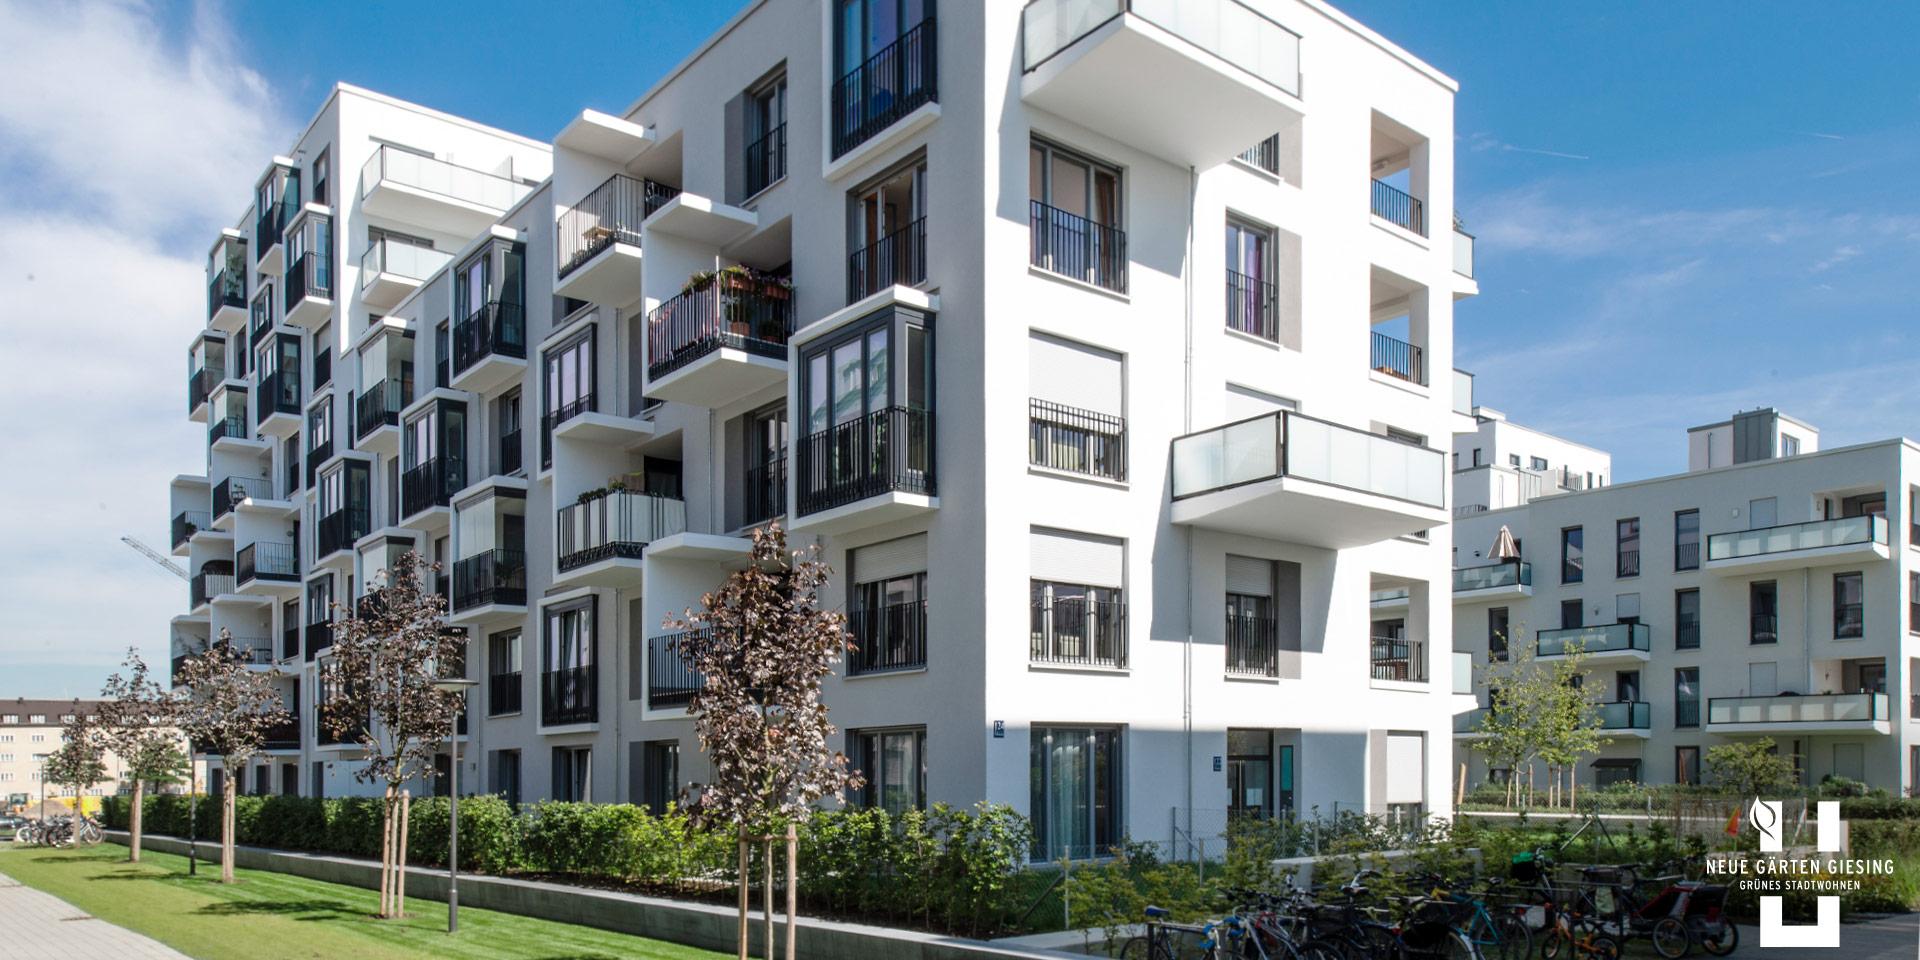 Condominiums munich: Neue Gärten Giesing